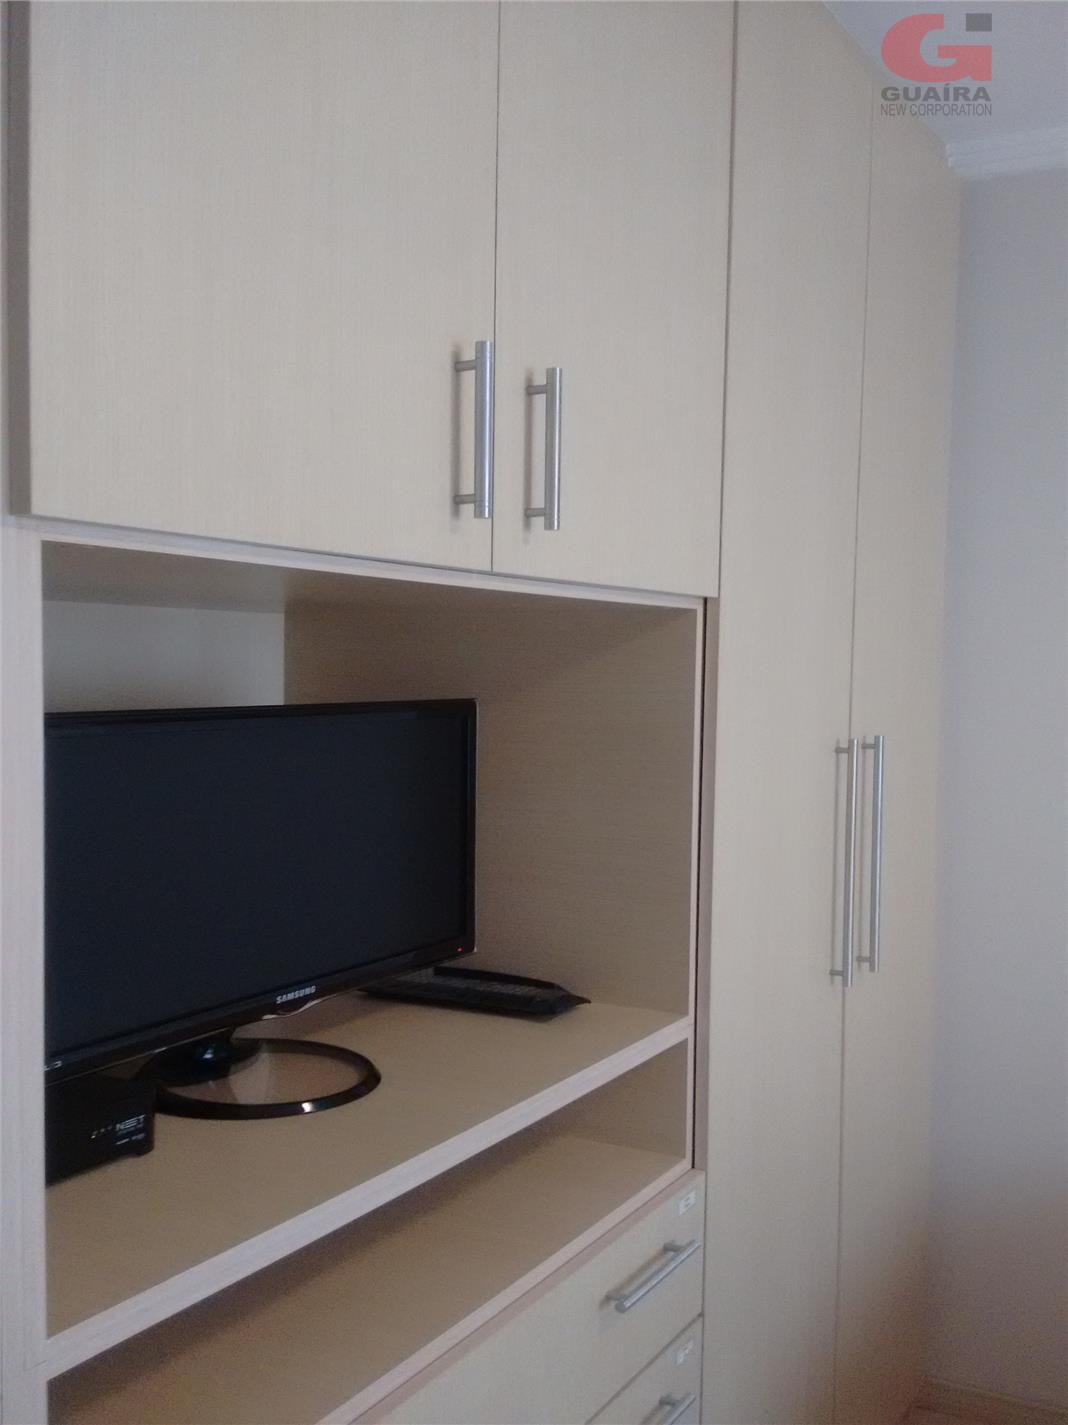 Sobrado de 3 dormitórios à venda em Jardim Pilar, Santo André - SP